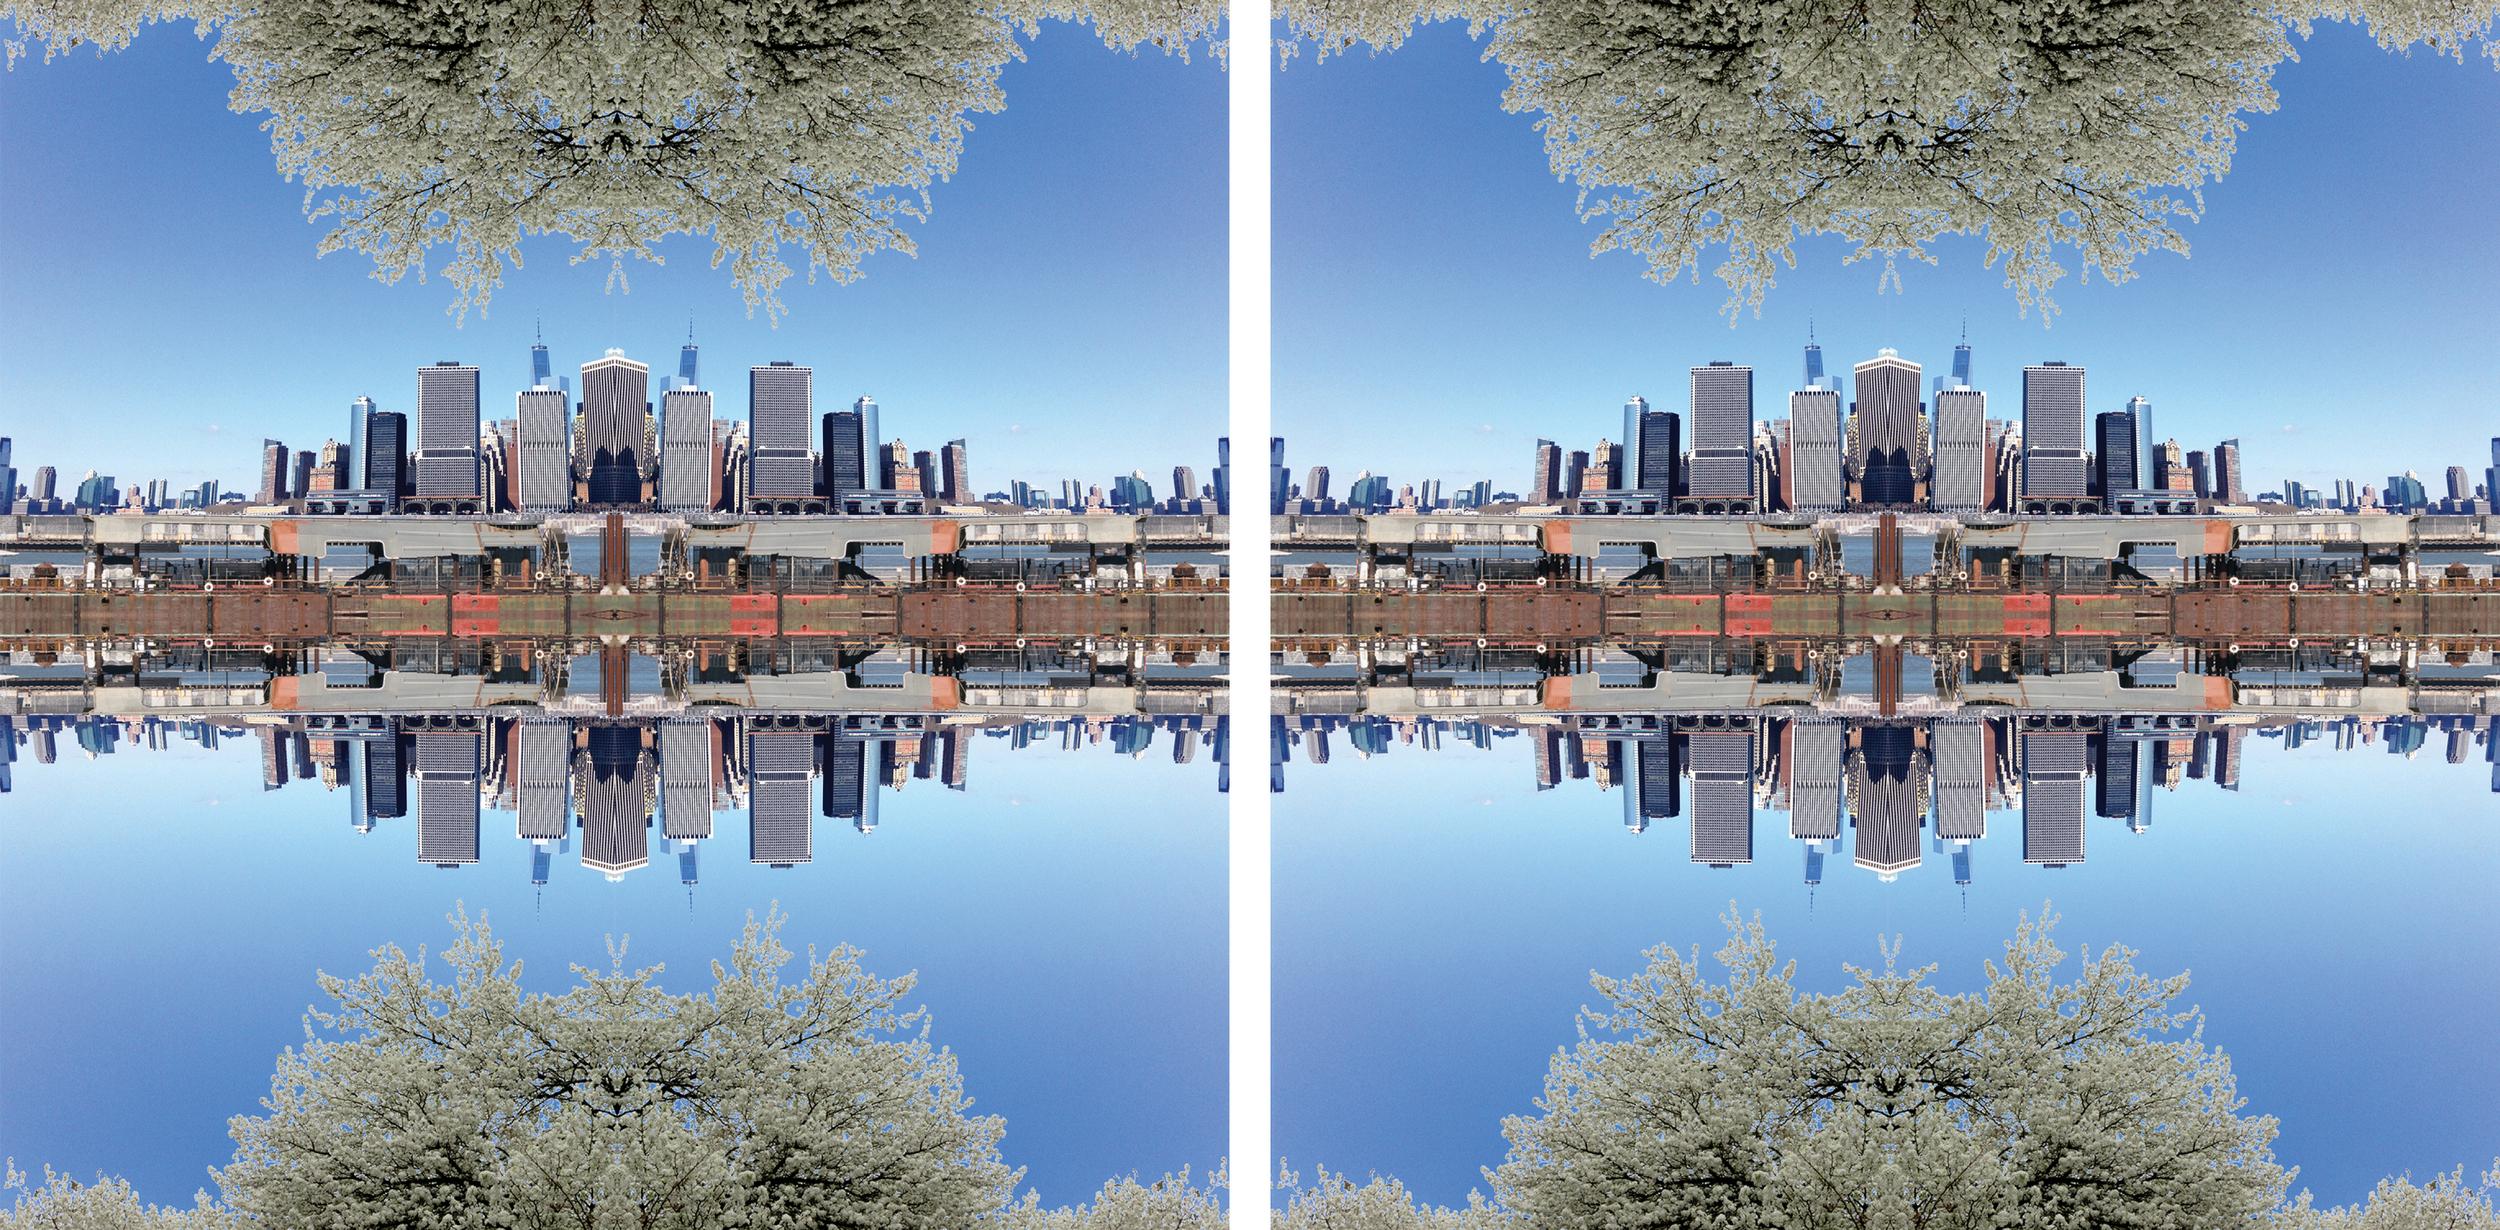 Paul-Morris-Waked-City.jpg